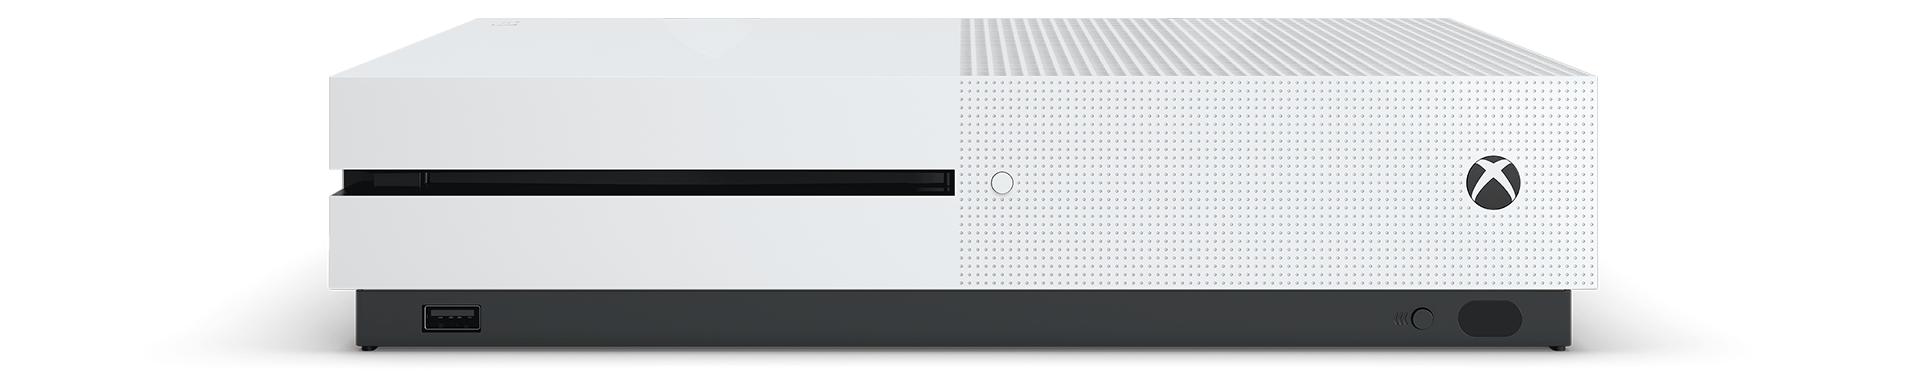 Xbox One S: la nuova console di Microsoft potente e compatta